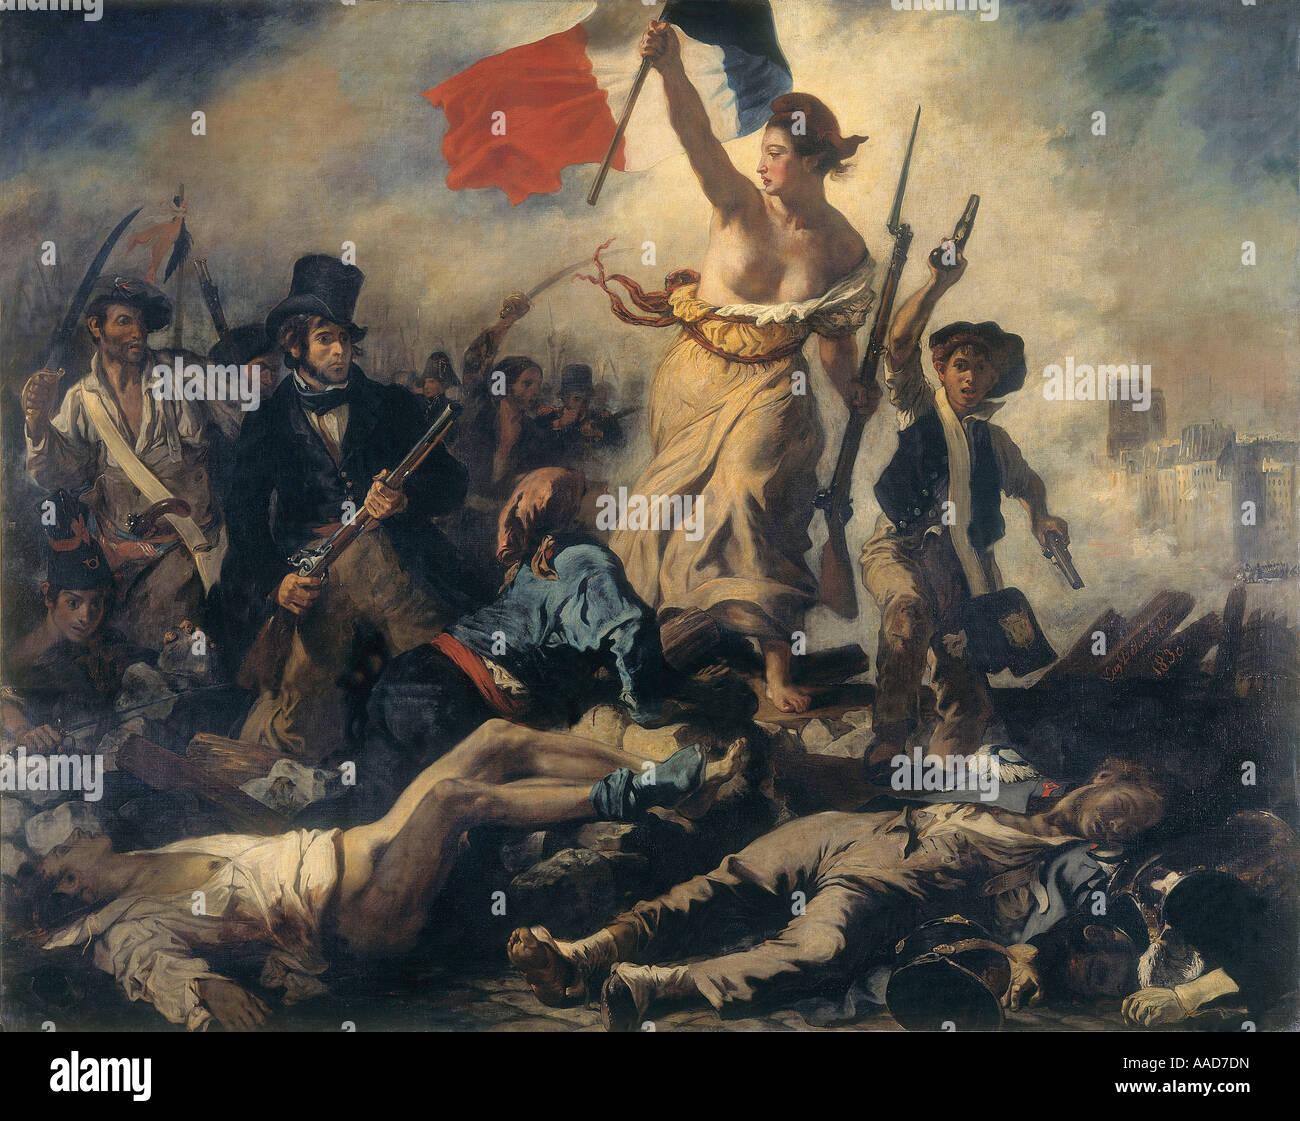 9FK 1830 7 27 A2 C D Delacroix Die Freiheit fuehrt das Volk Delacroix Eugene 1798 1863 Die Freiheit fuehrt das Volk Stock Photo